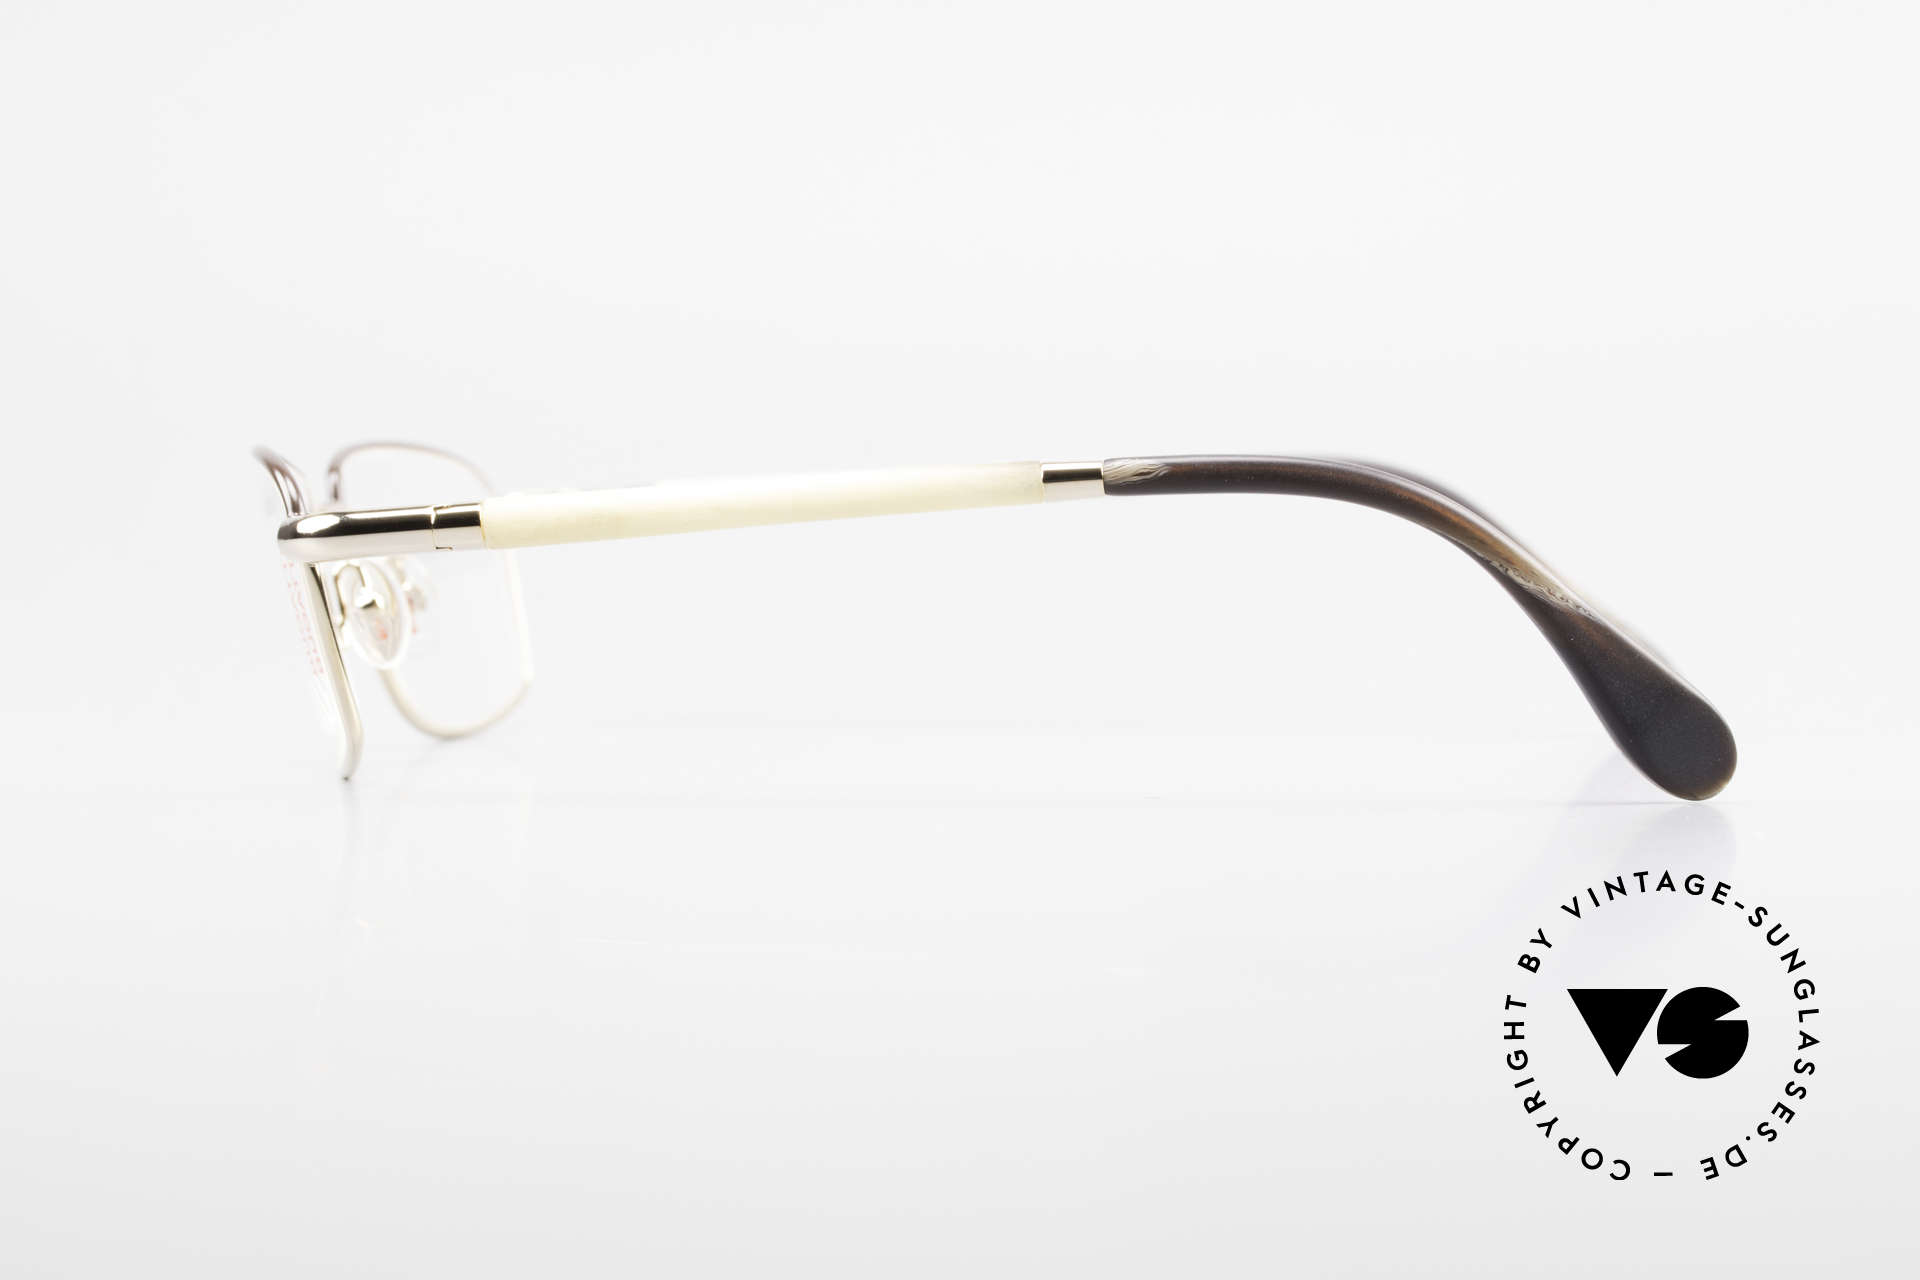 Bugatti 536 Naturhorn Brille Vergoldet, LIMITED EDITION: gab's damals nur als Kleinstserie, Passend für Herren